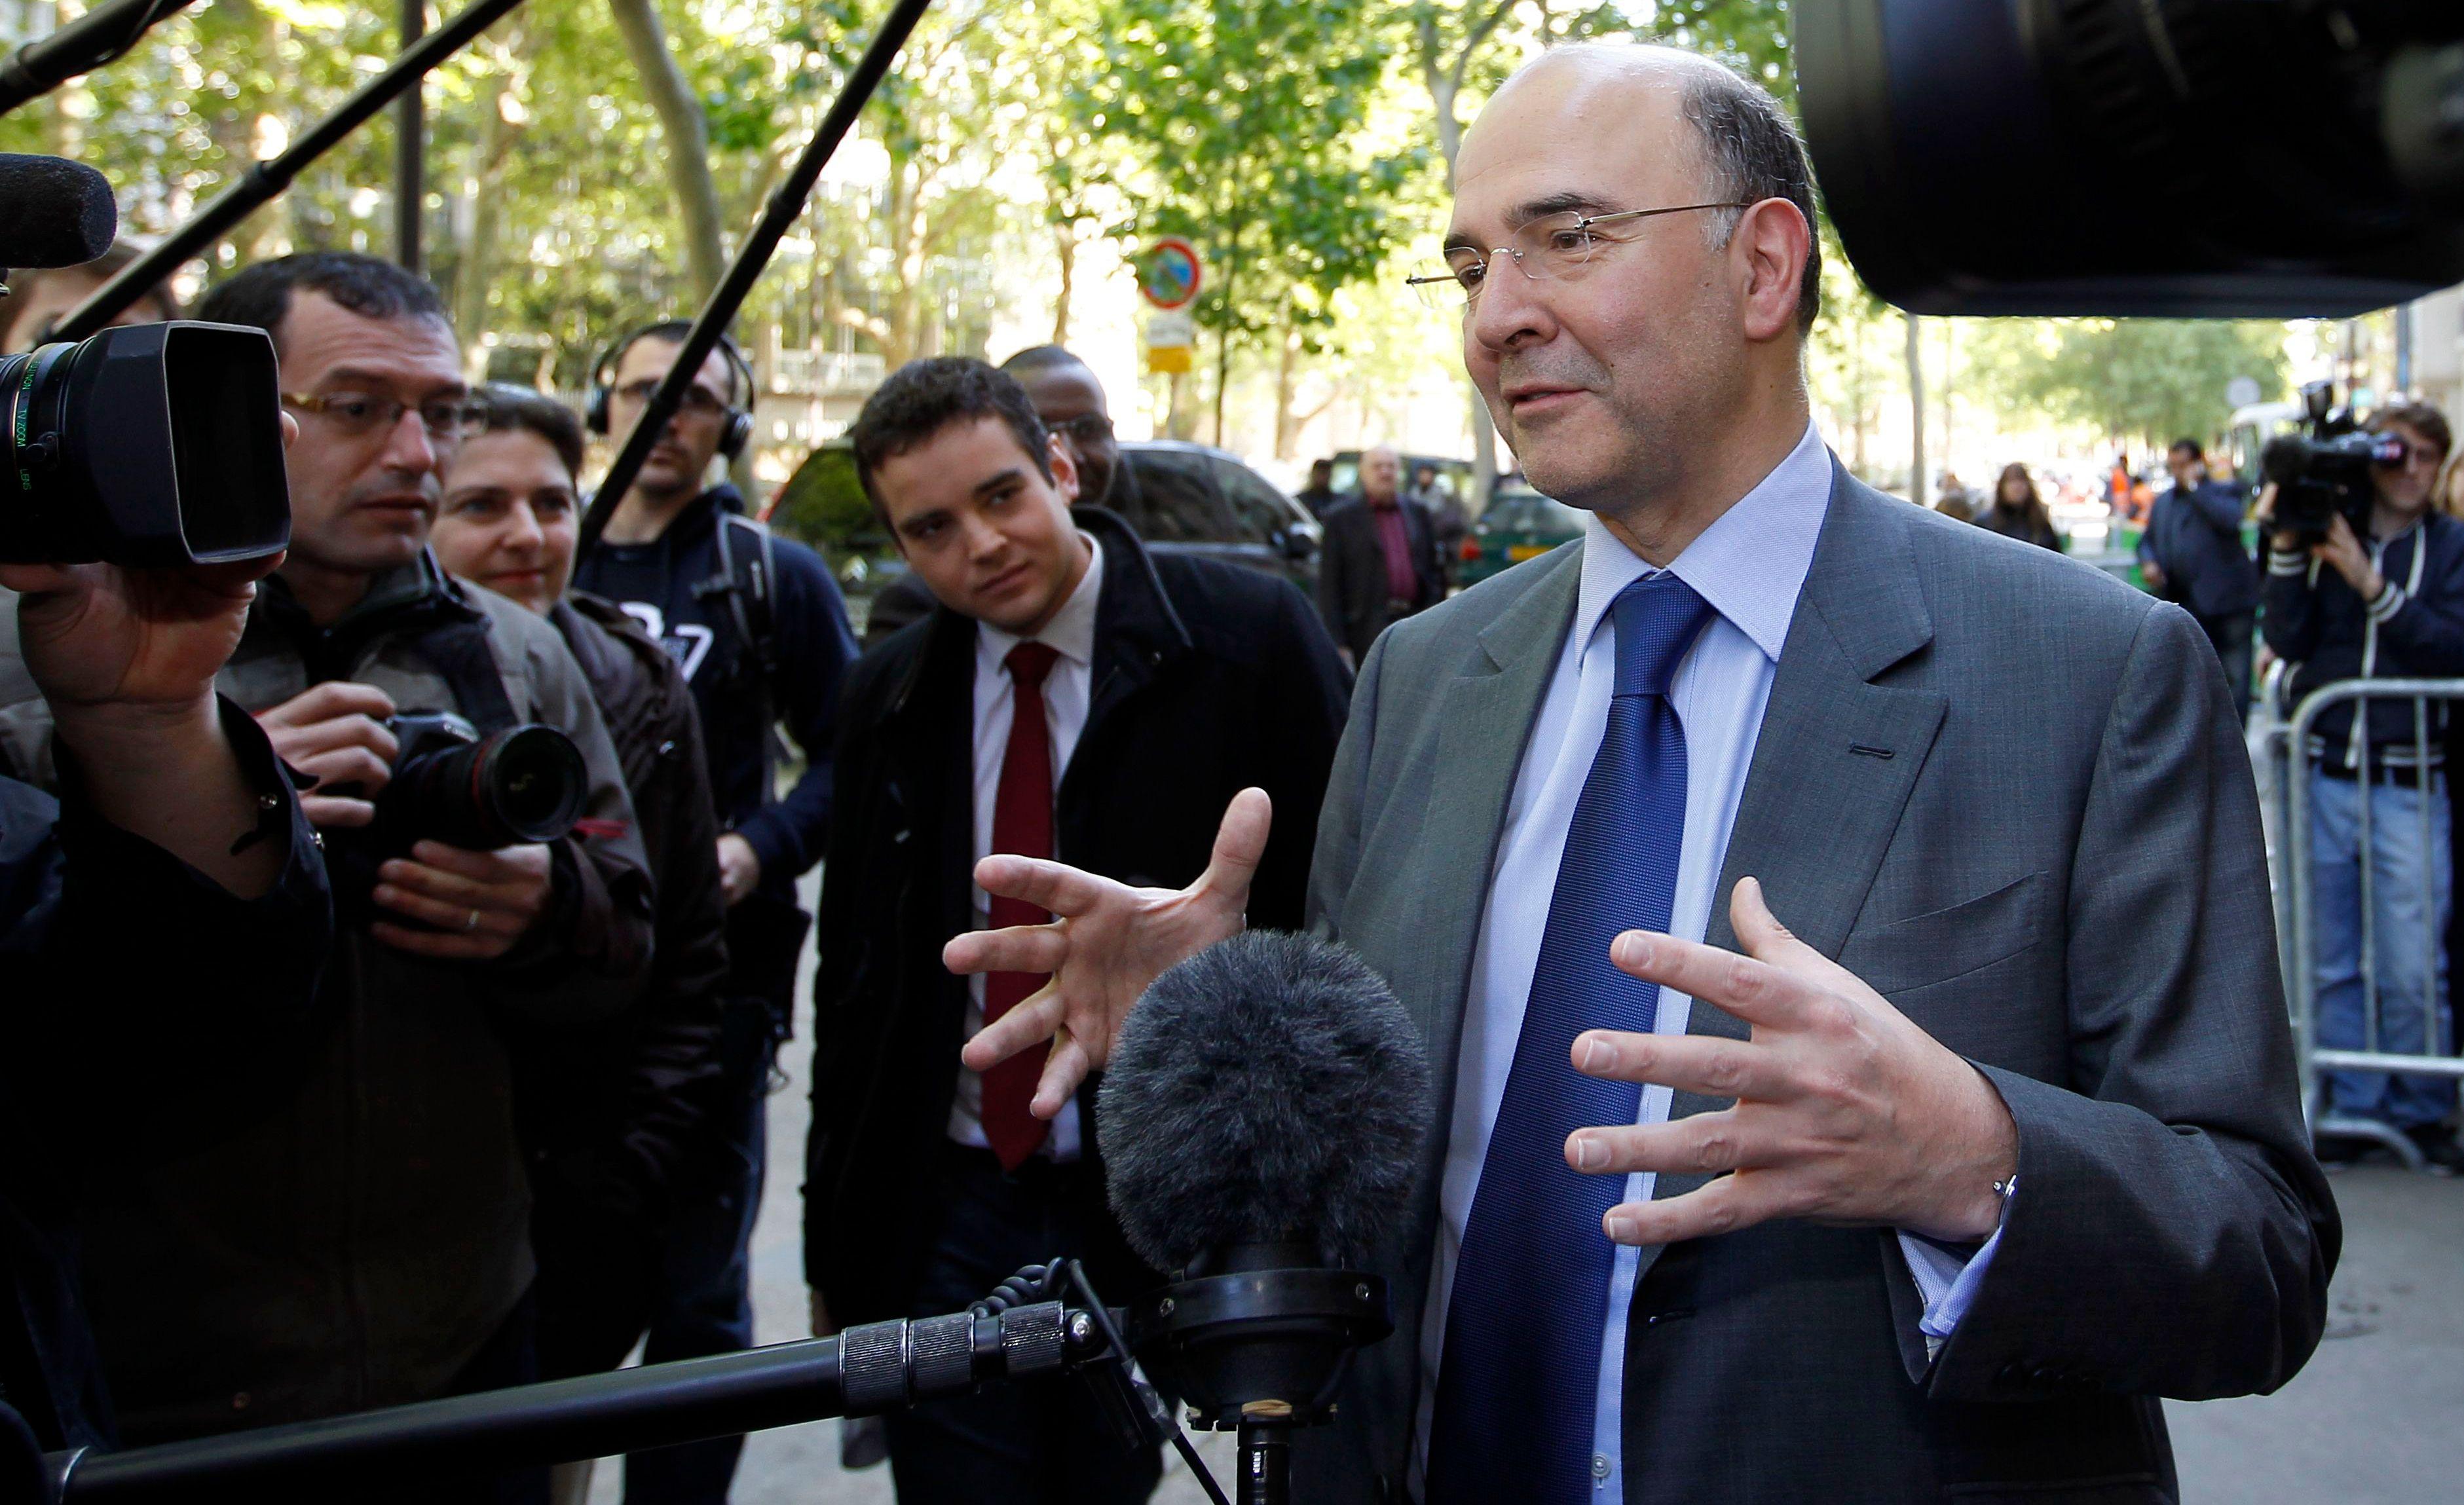 Le parti des fusillés ? Pierre Moscovici saisi par les démons de cette gauche qui réécrit l'histoire